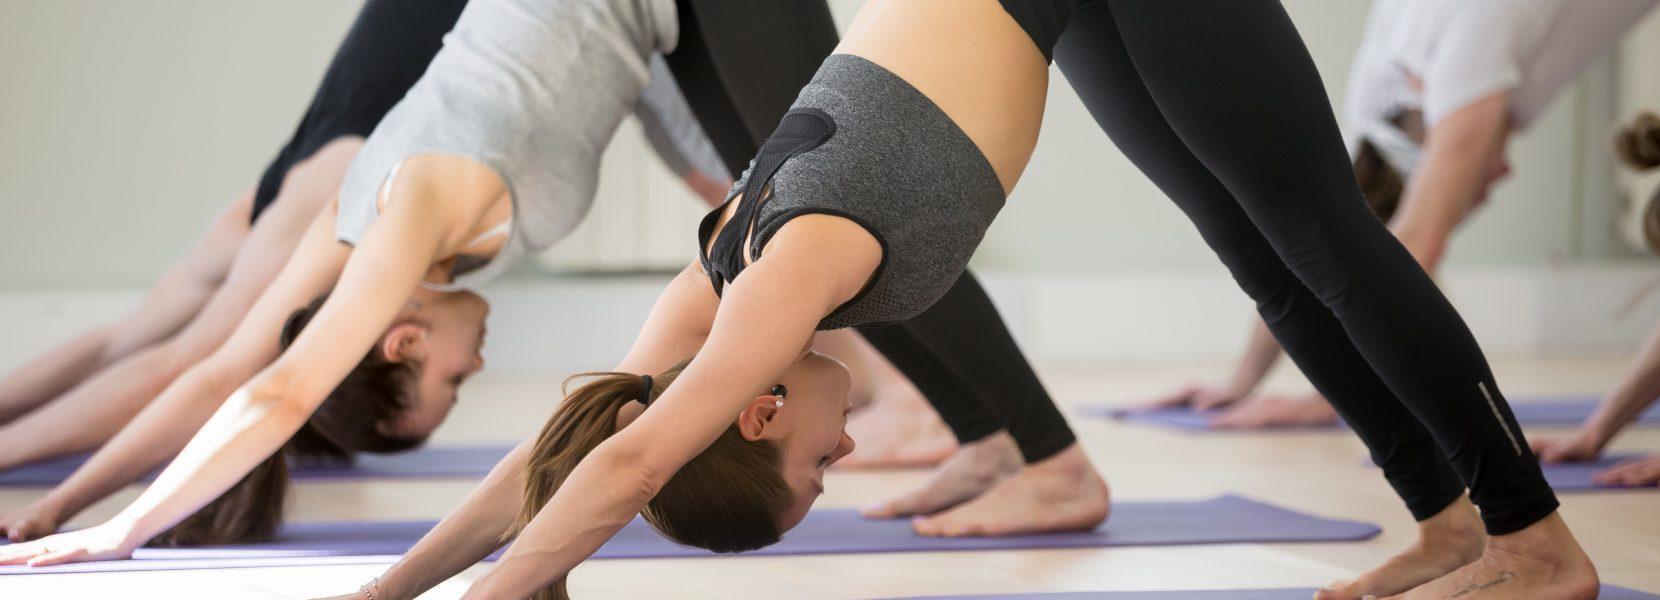 Yoga & Strömen: dich dehnen und kräftigen